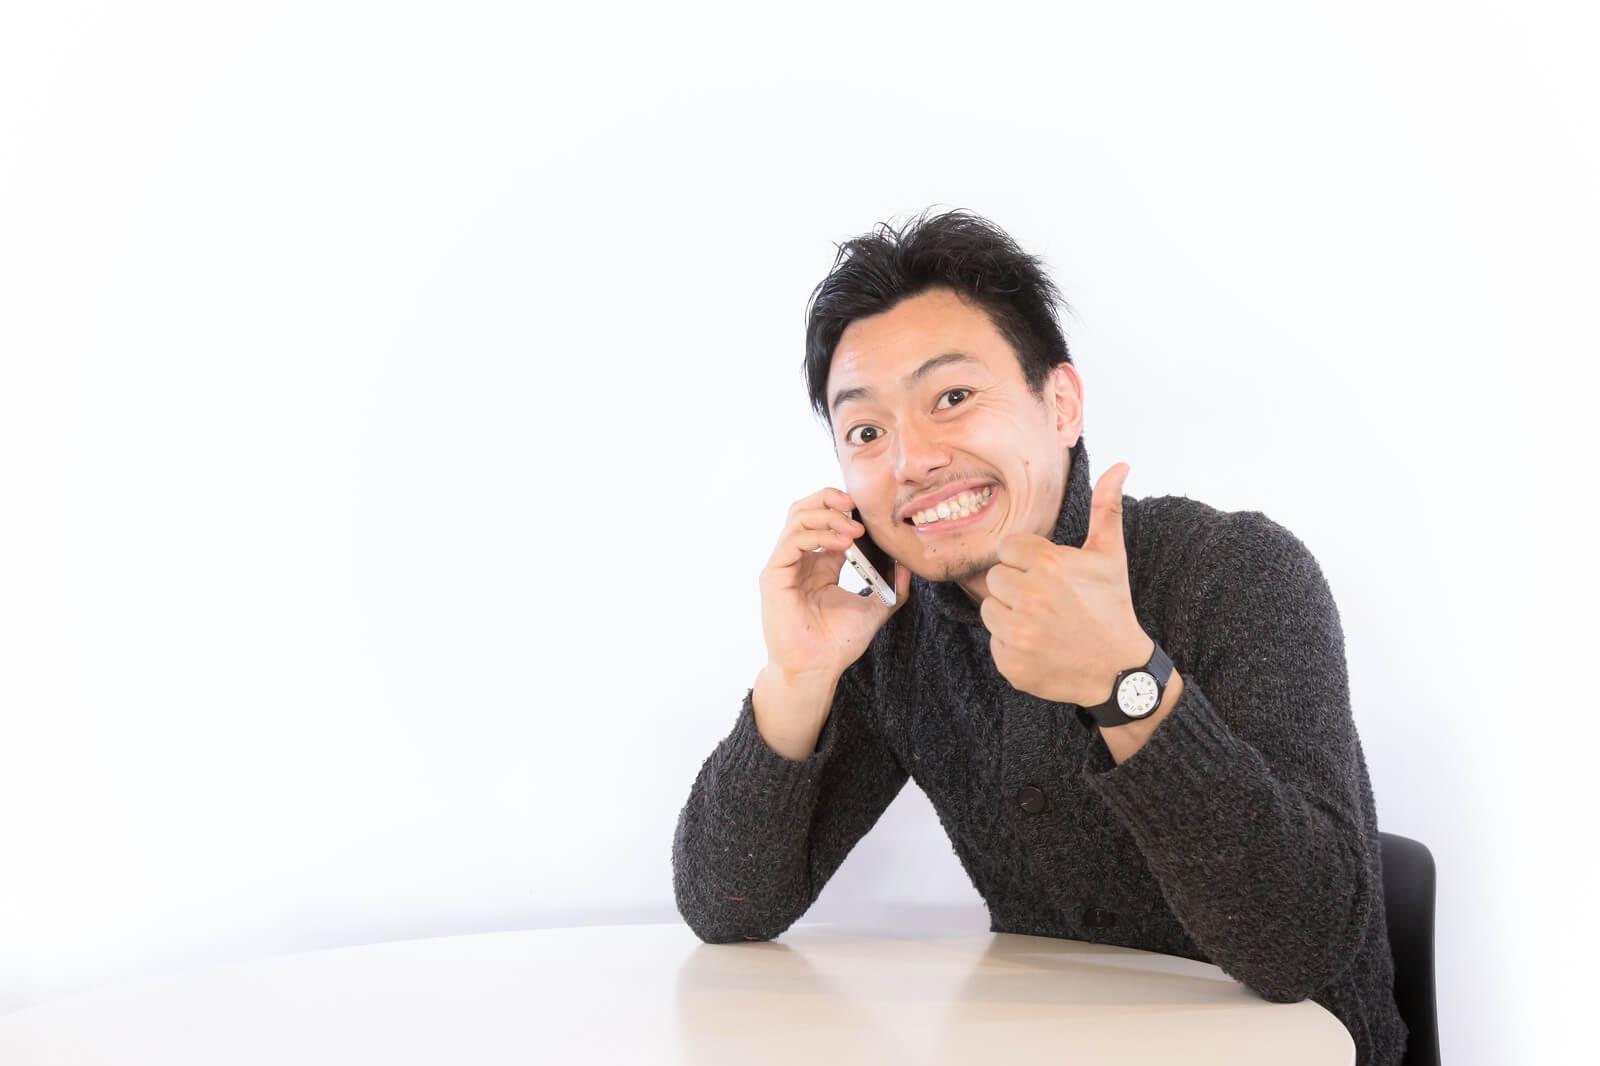 エックスモバイル30GBプラン(大容量プラン)口コミ評判OKという男性